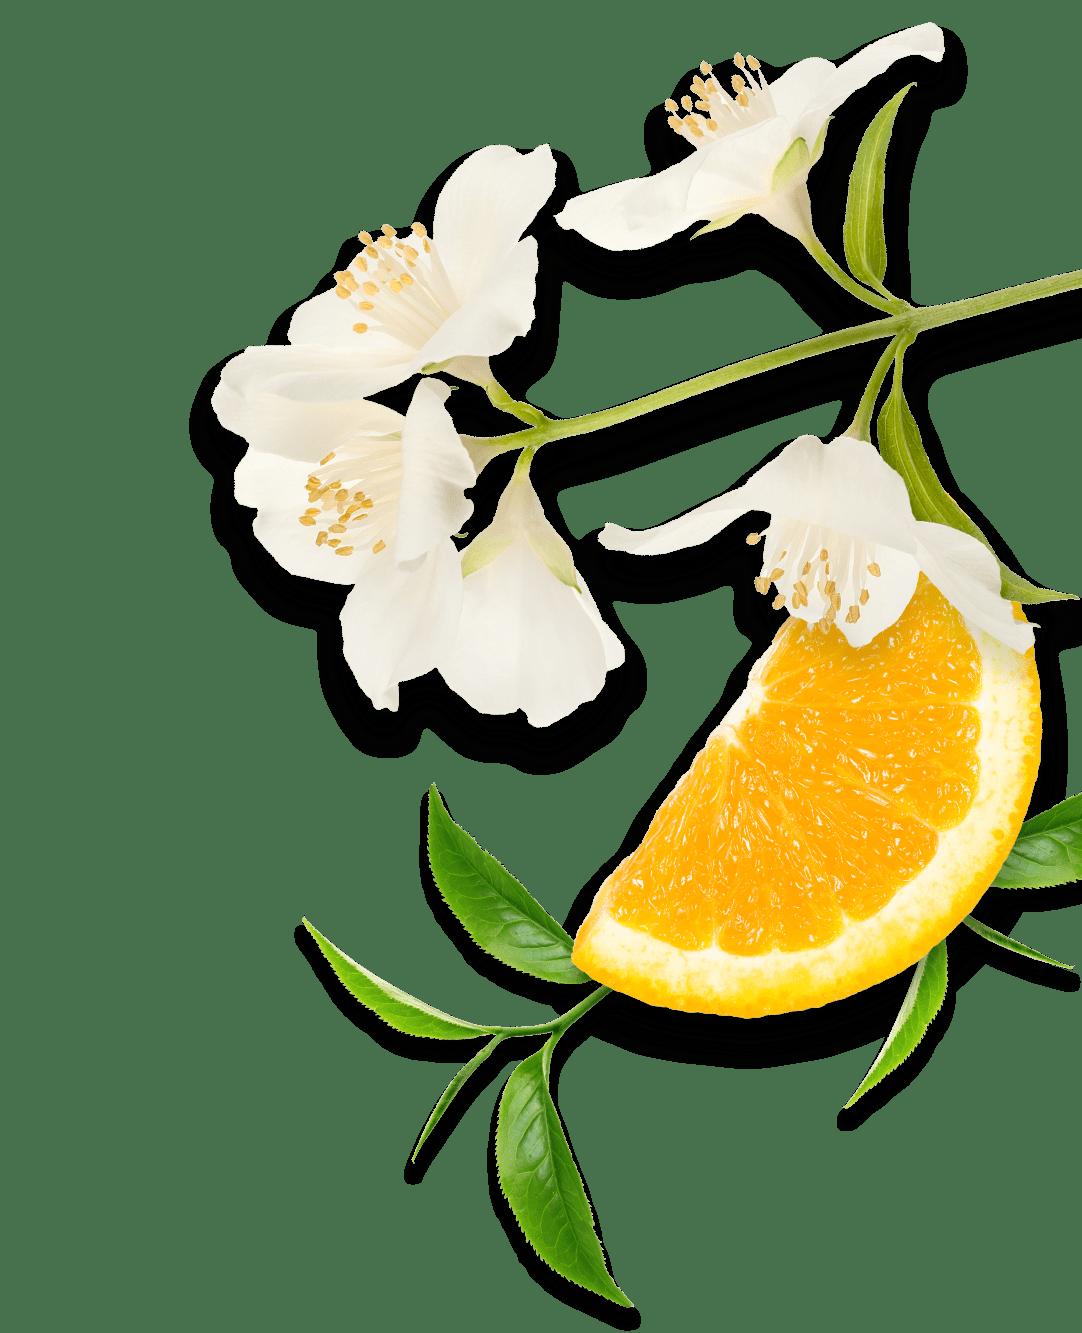 زهور البرتقال